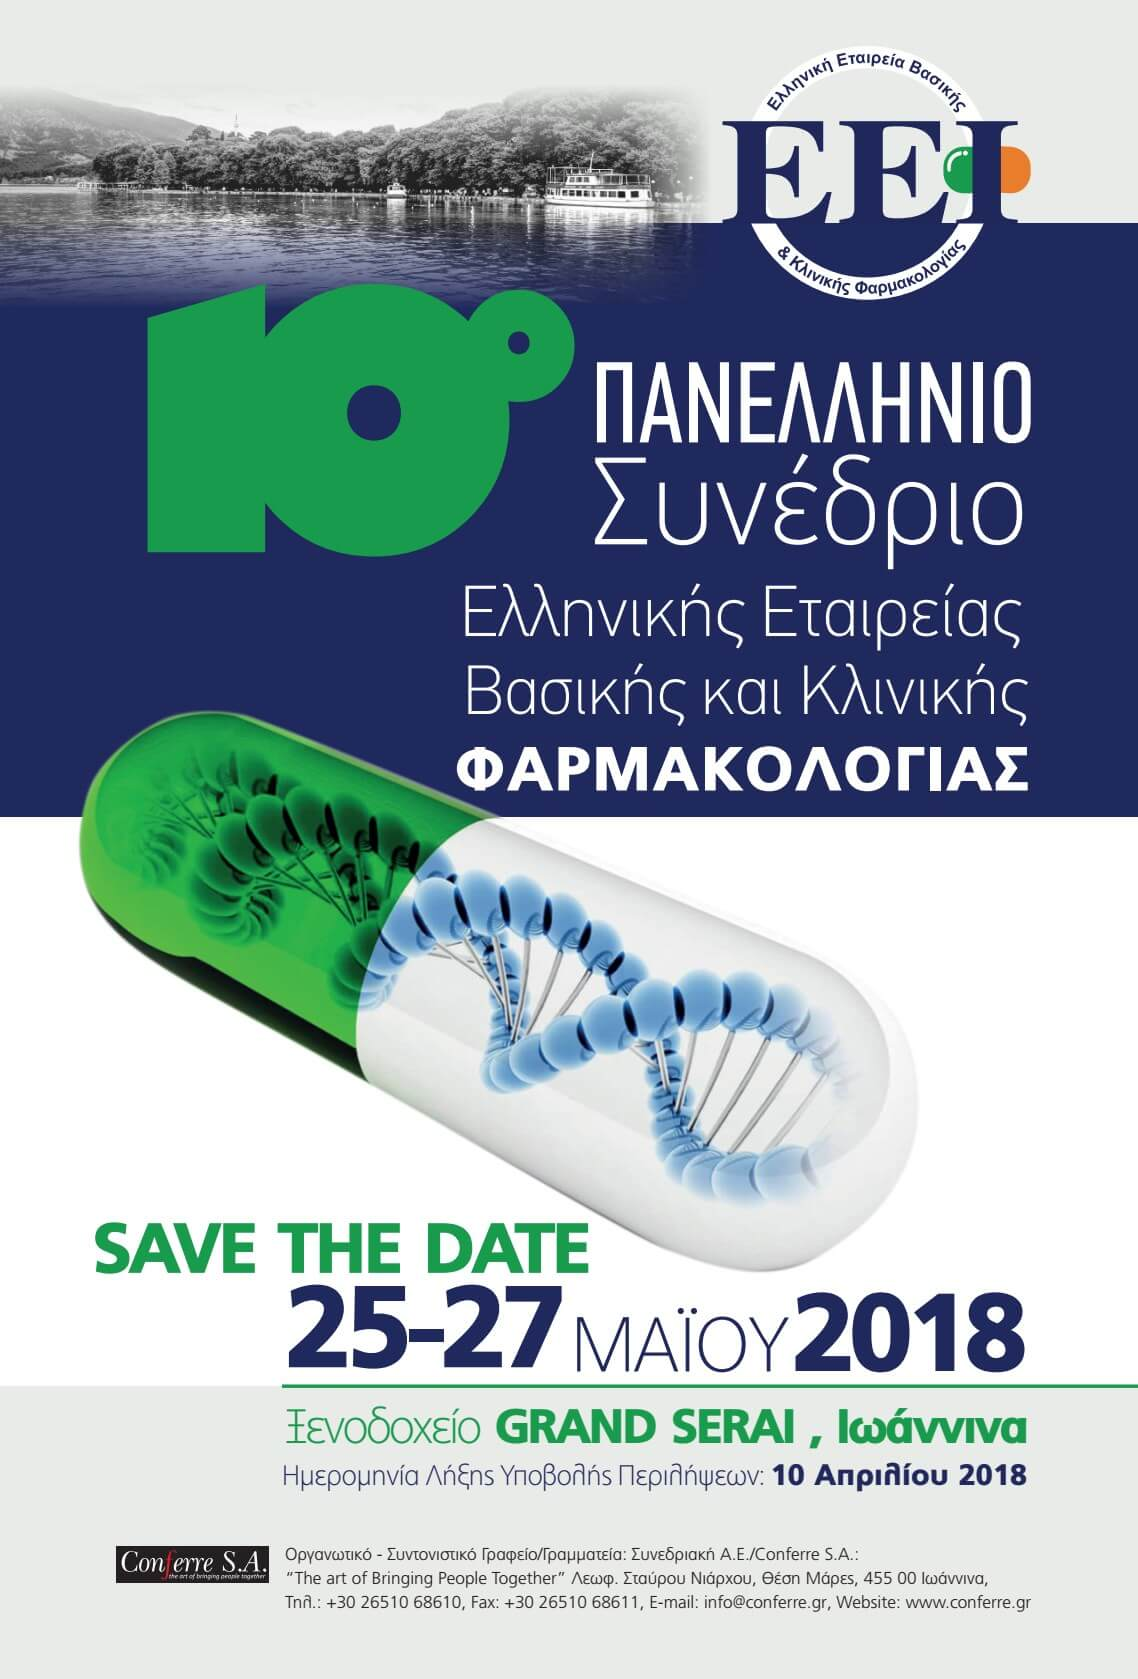 10ο Πανελλήνιο Συνέδριο της Ελληνικής Εταιρείας Βασικής και Κλινικής Φαρμακολογίας (25-27 Μαΐου 2018)